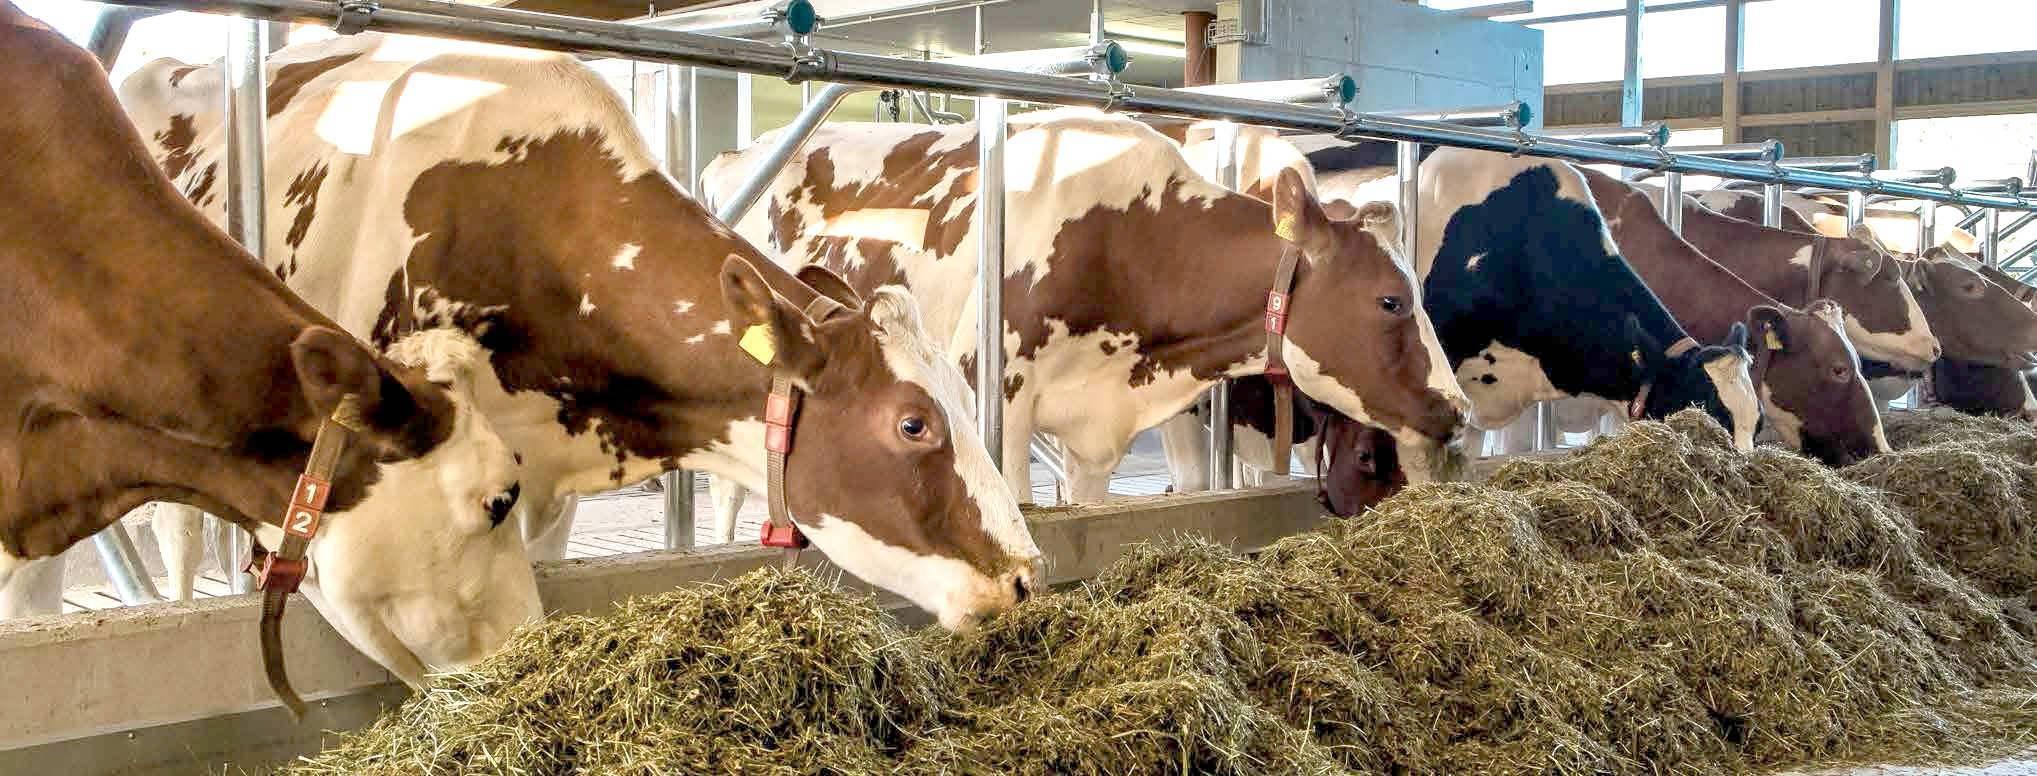 Сухостойный период у коров: что это, правила кормления